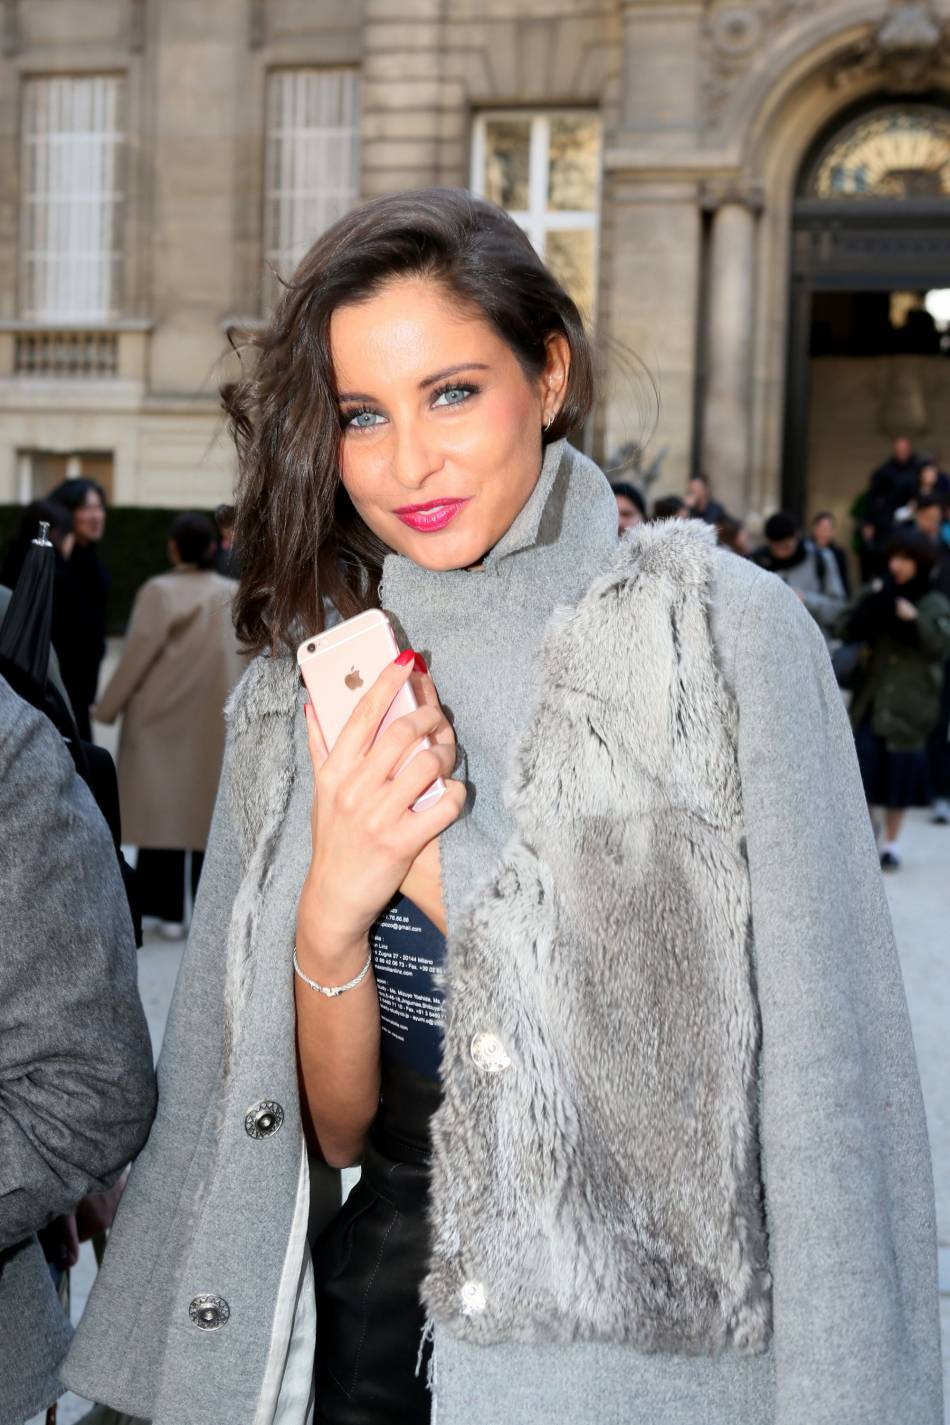 Mini dress en cuir et manteau avec détails de fourrure, elle a tout bon.